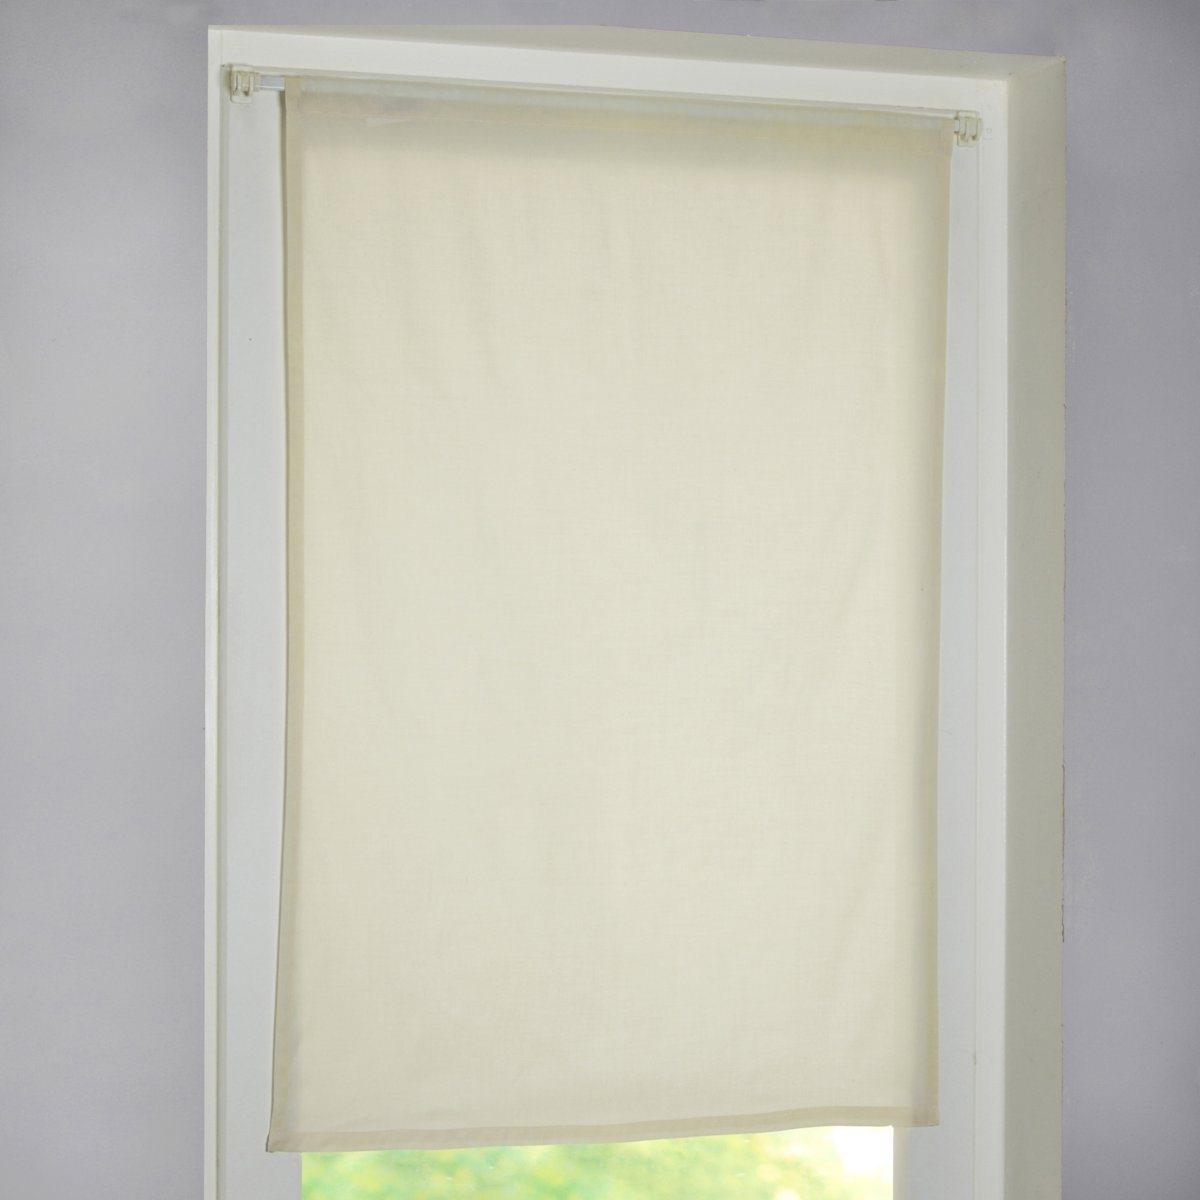 Занавеска прямая с кулиской 100% хлопок, MORINOХарактеристики прямой шторы Morino :Кулиска для карниза . Подшитый низ. Стирка при 30°.Размеры прямой шторы Morino :Модели различной длины 90 x 45 см 90 x 60 см 120 x 145 см  120 x 60 см 160 x 45 см  160 x 60 см<br><br>Цвет: белый,светло-коричневый,серый мышиный,экрю<br>Размер: 160 x 45 см.160 x 45 см.120 x 60 см.90 x 60 см.160 x 45 см.120 x 60 см.160 x 60 см.90 x 45 см.120 x 45 см.90 x 45 см.90 x 45 см.160 x 60 см.120 x 45 см.90 x 60 см.90 x 60 см.160 x 45 см.90 x 45 см.120 x 45 см